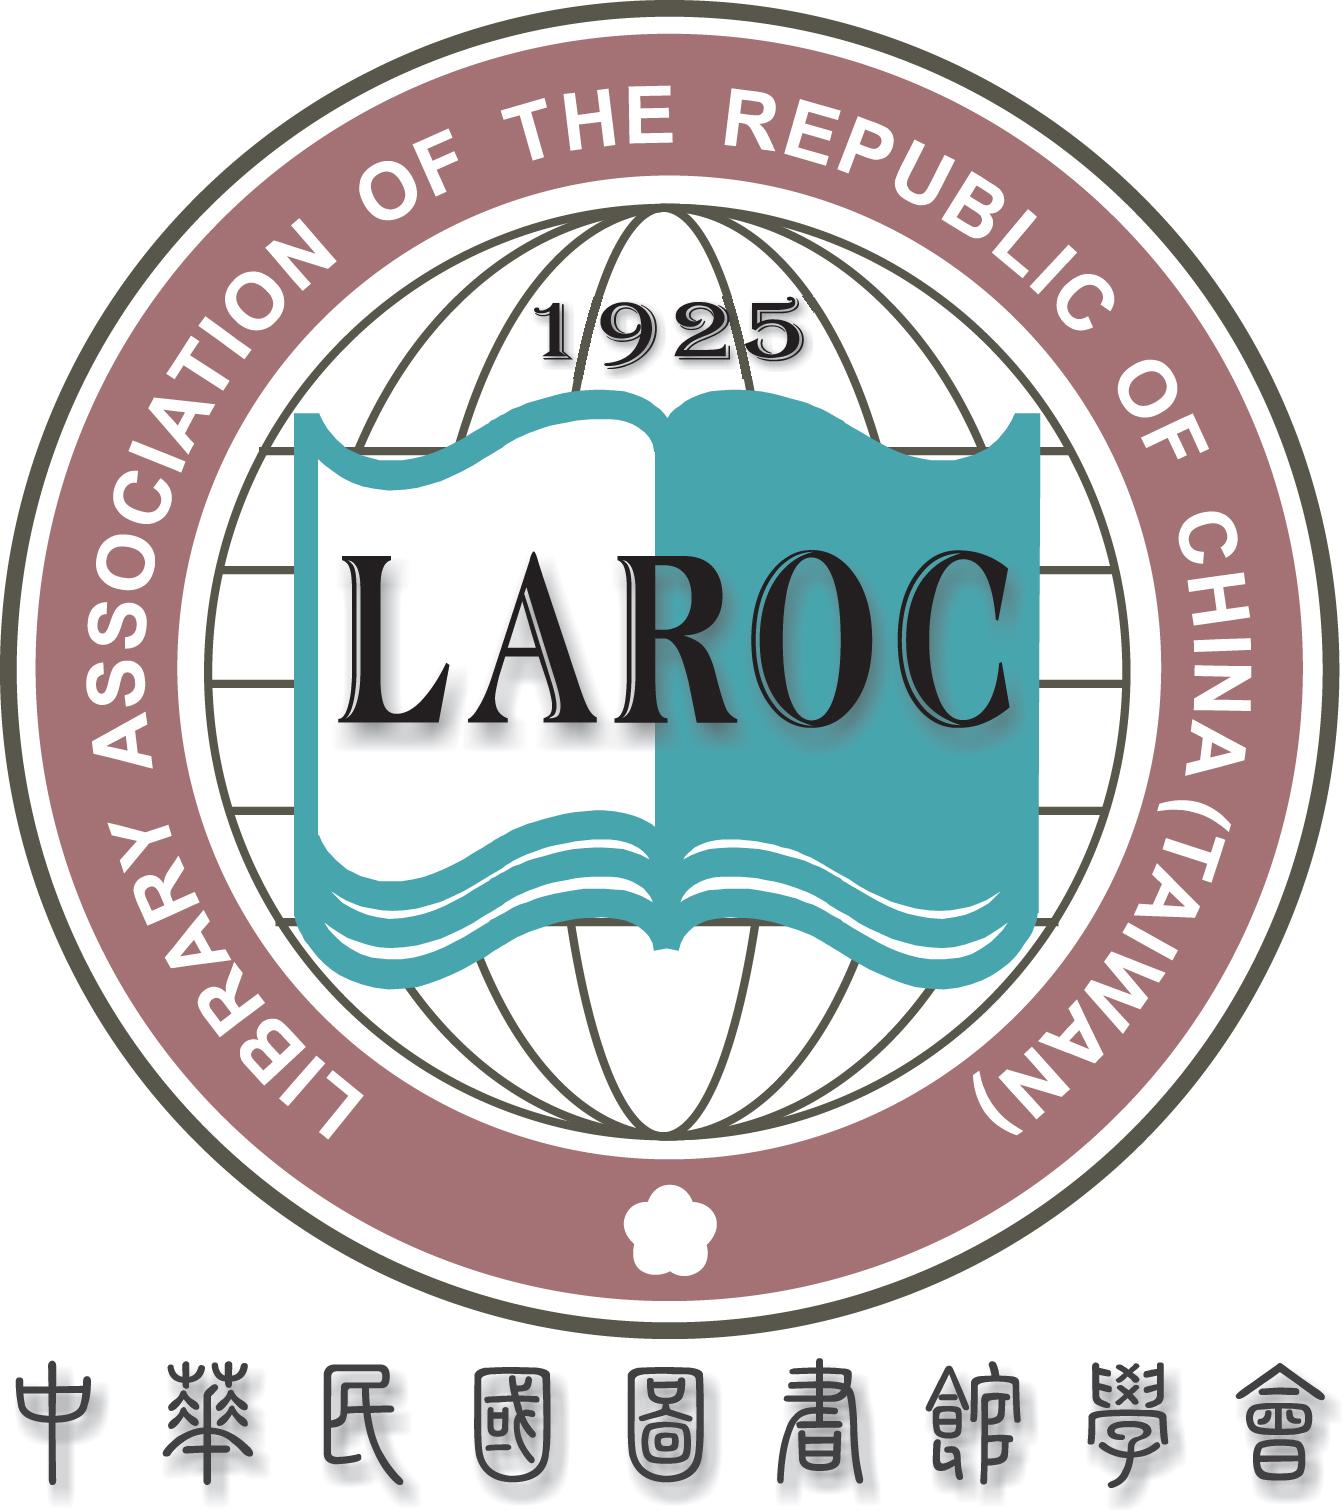 https://www.elsevier.com/__data/assets/image/0017/850013/logo-LAROC.jpg